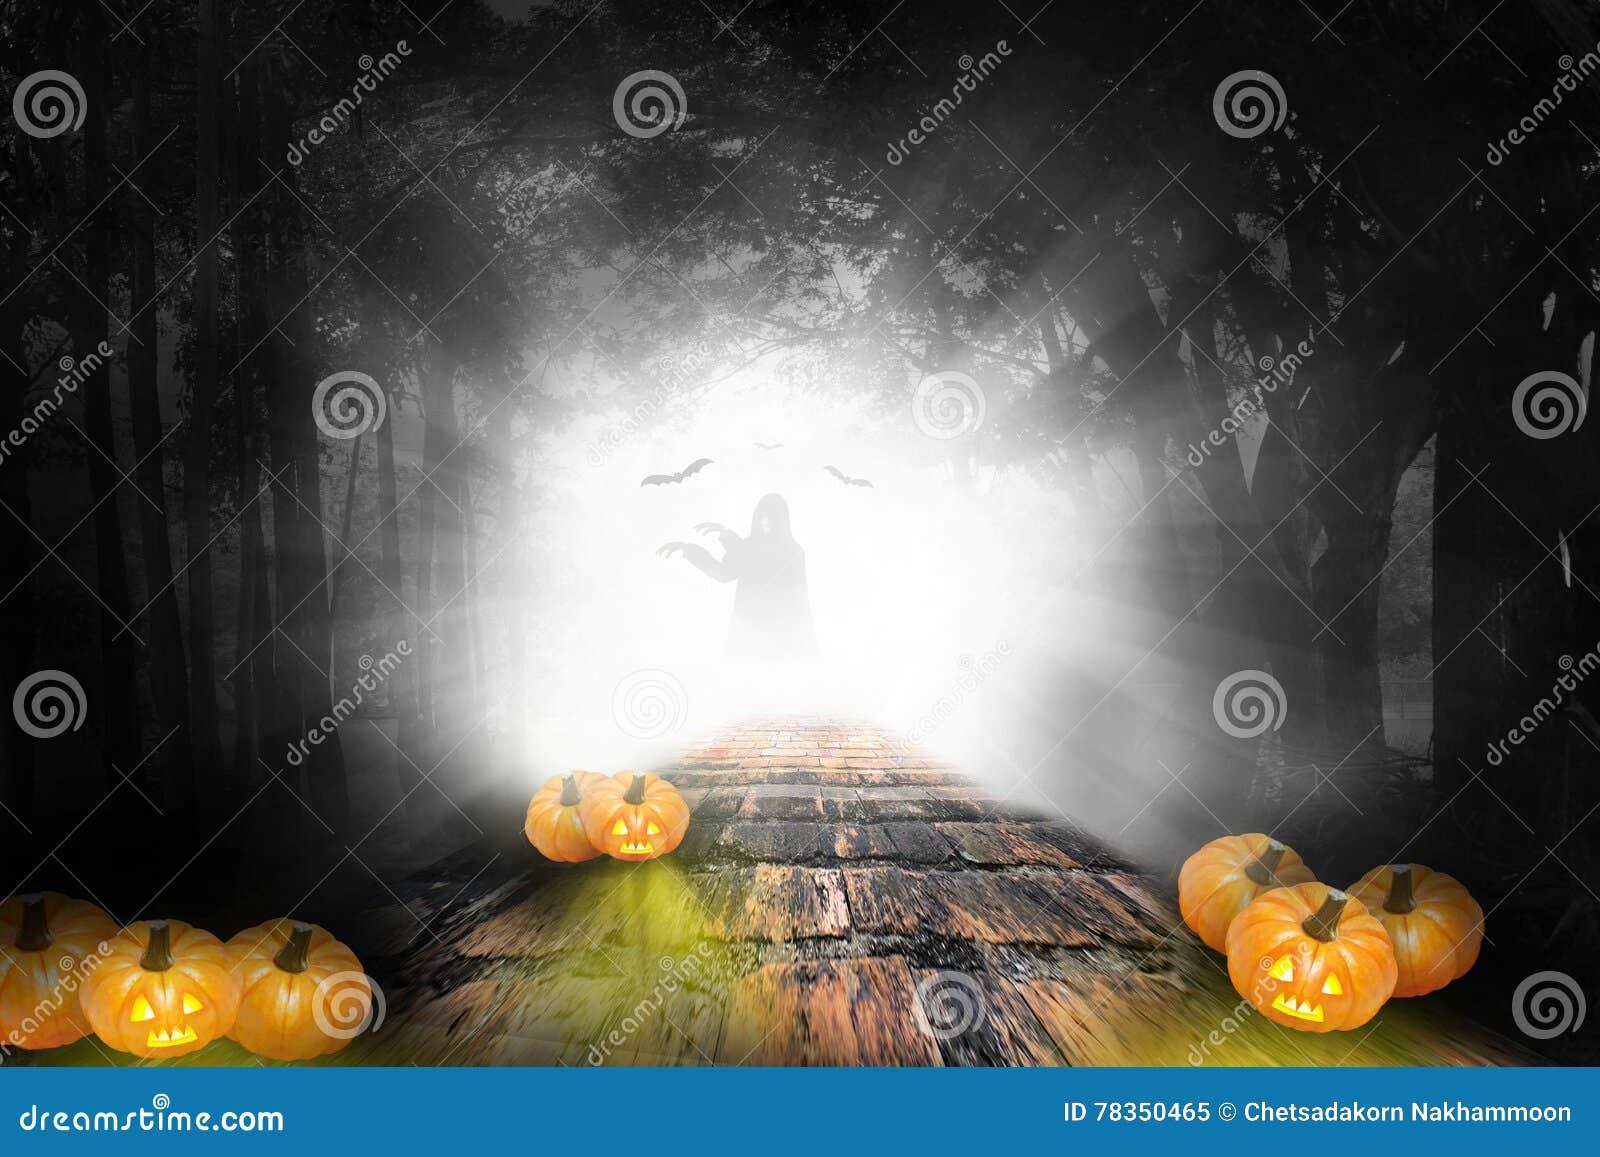 Diseño de Halloween - las calabazas del bosque adentro oscurecen